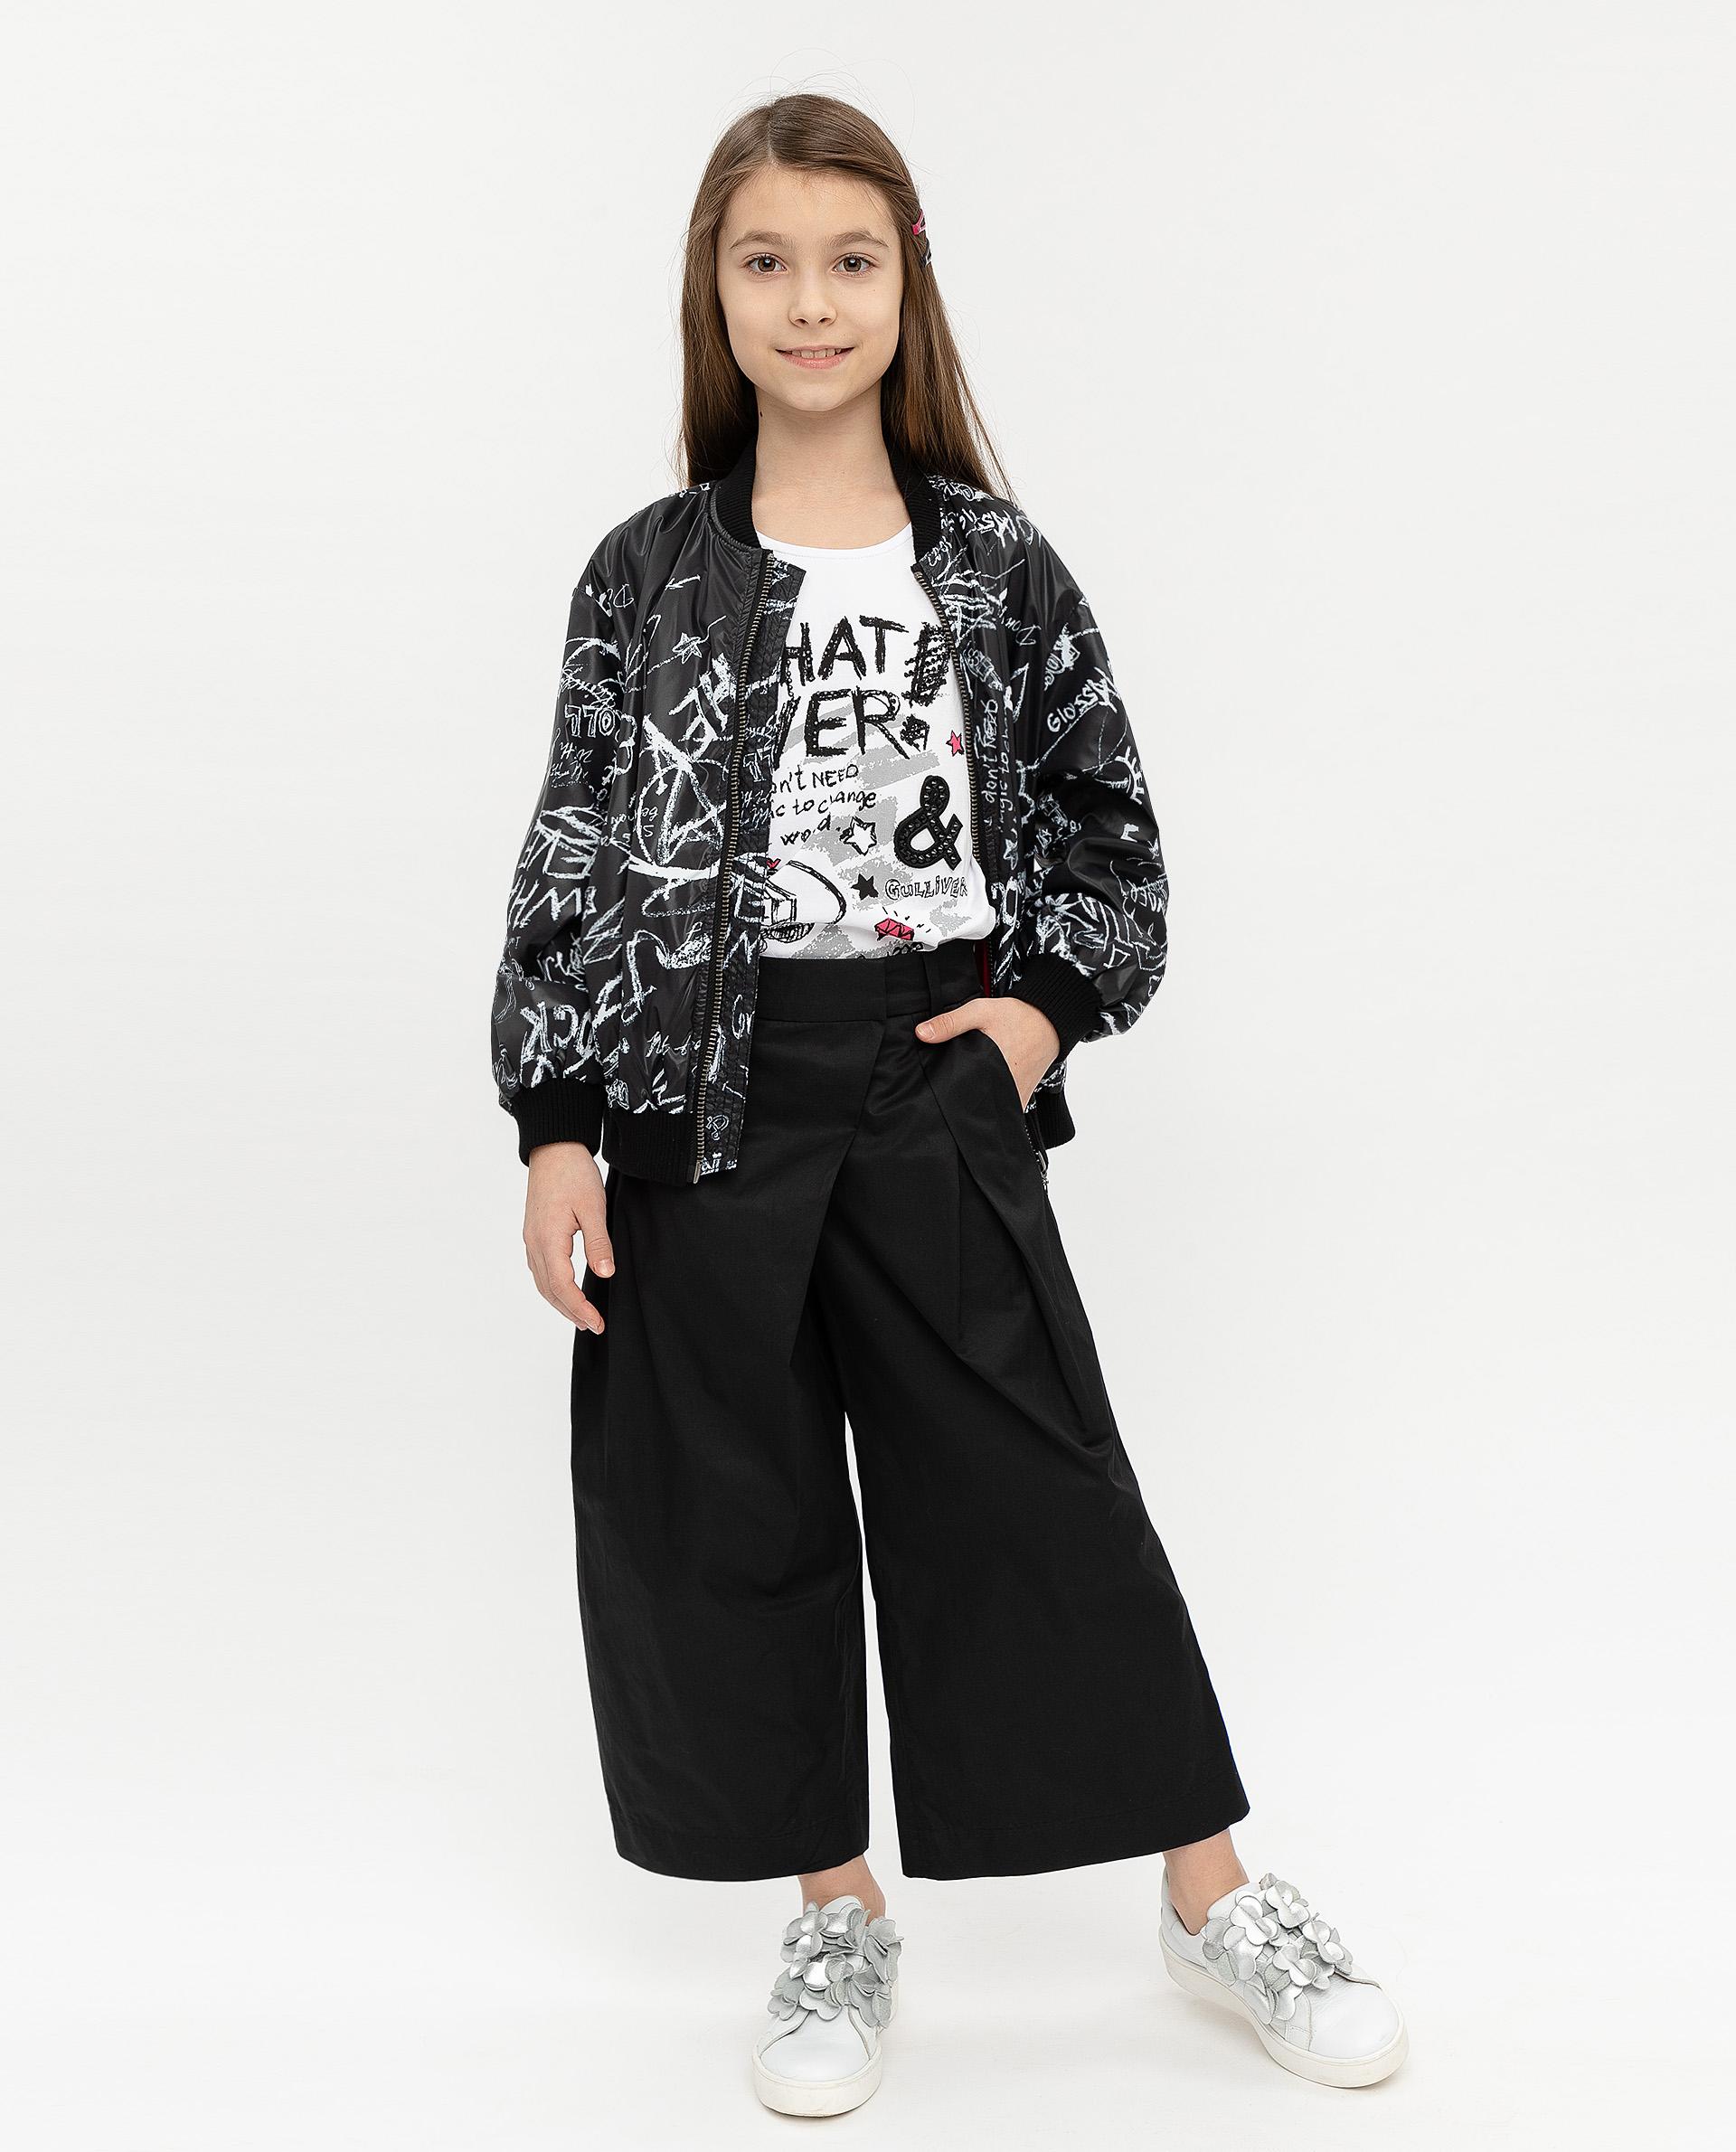 Купить 12007GJC6303, Черные брюки-кюлоты Gulliver, черный, 140, Женский, ВЕСНА/ЛЕТО 2020 (shop: GulliverMarket Gulliver Market)